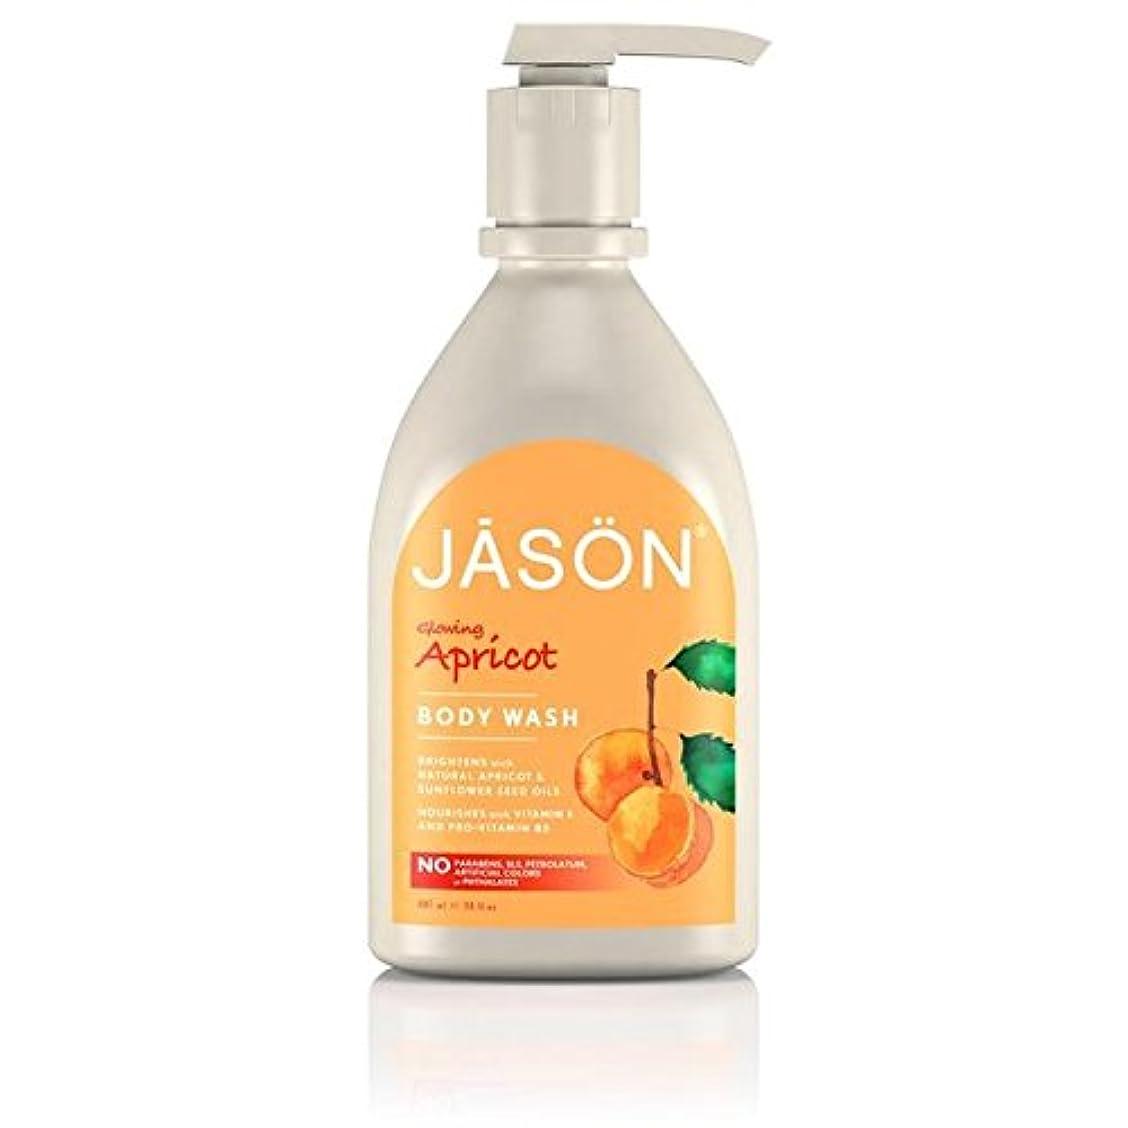 圧縮された仲間軽蔑するジェイソン?アプリコットサテンボディウォッシュポンプ900ミリリットル x4 - Jason Apricot Satin Body Wash Pump 900ml (Pack of 4) [並行輸入品]